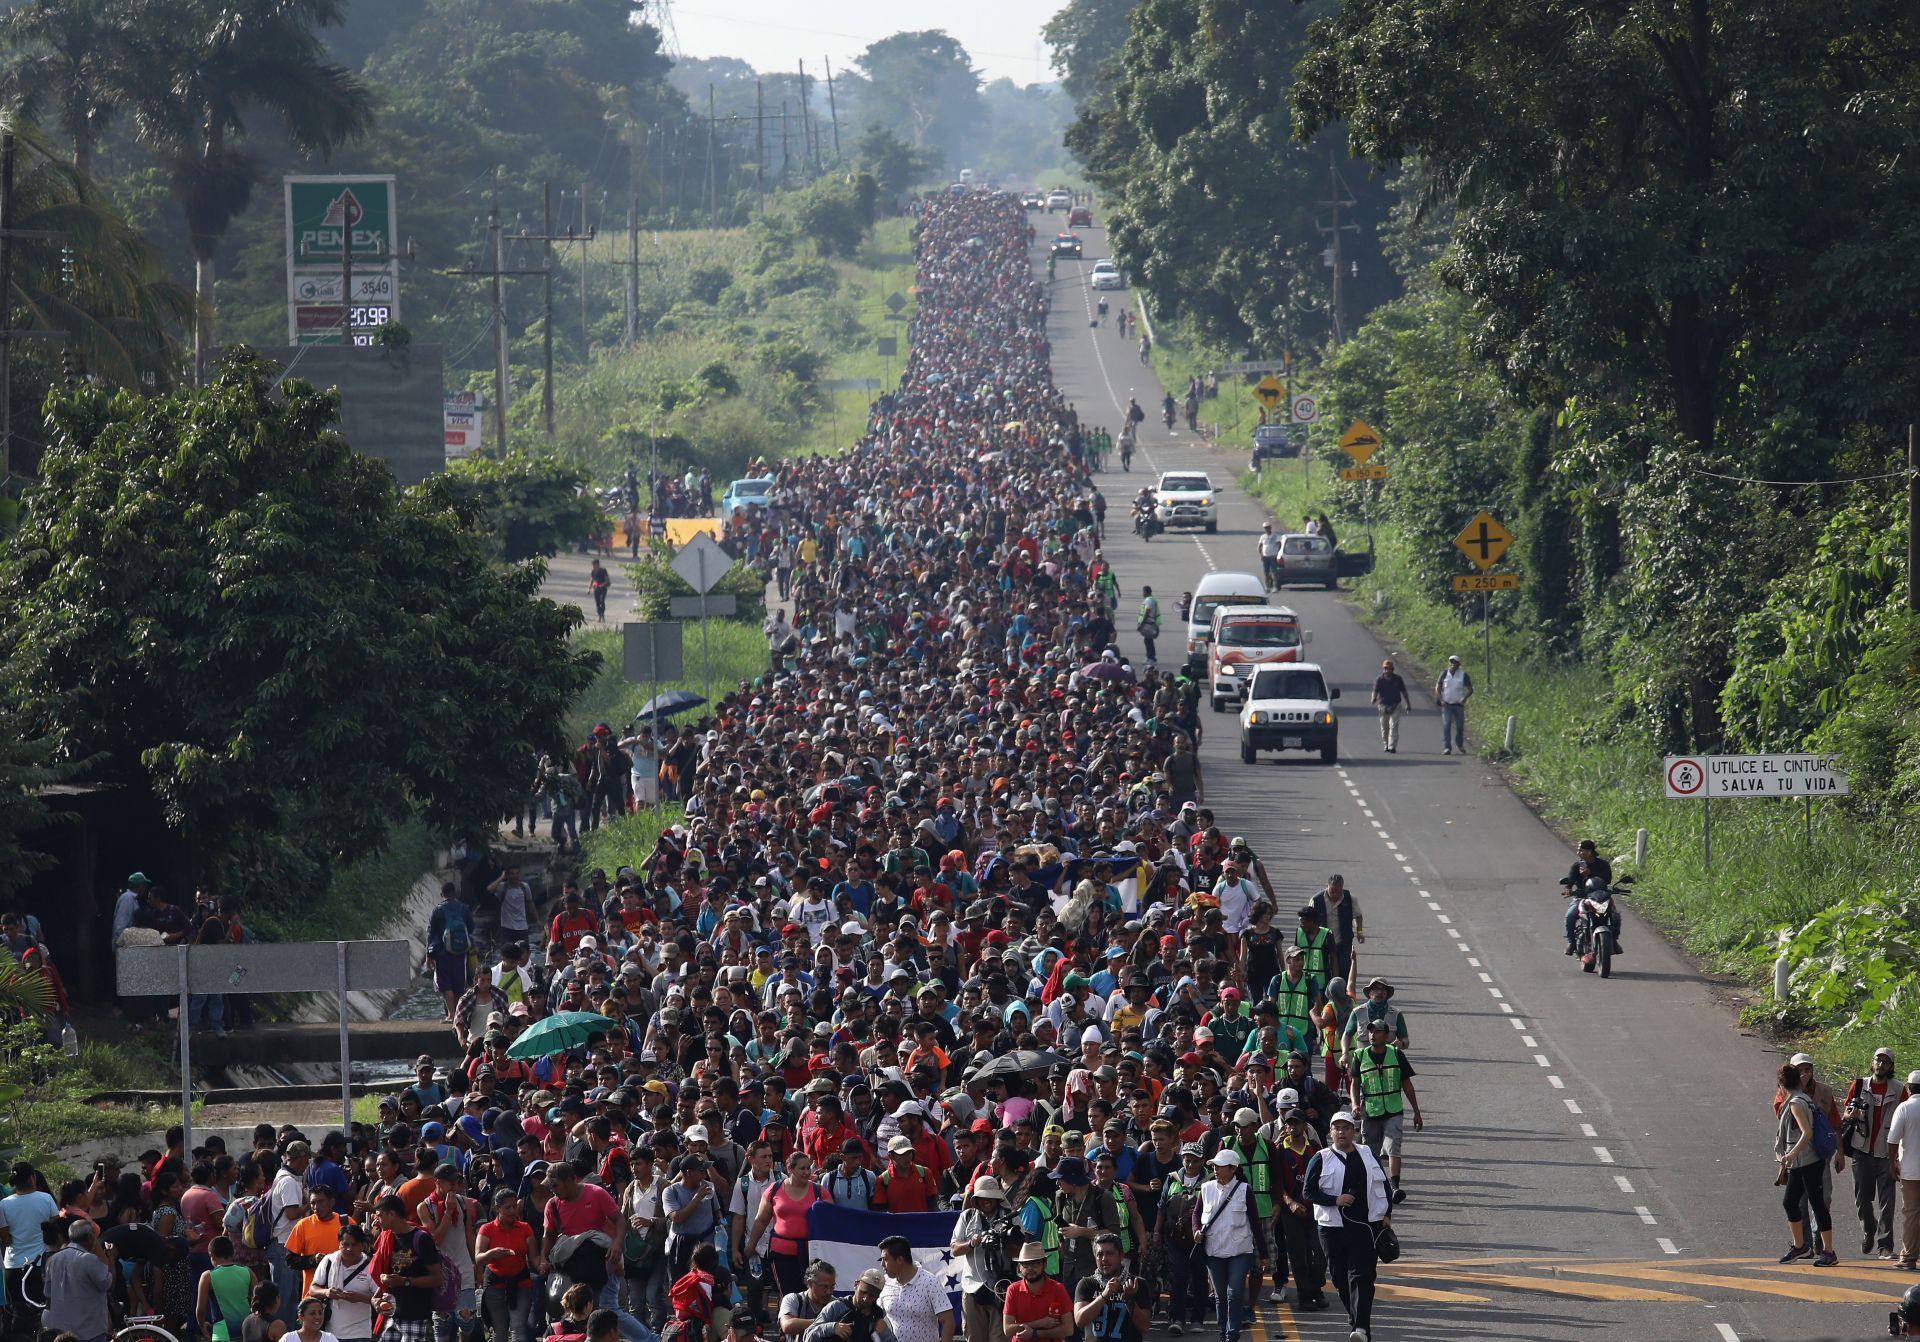 През октомври керванът със 160 мигранти от Хондурас тръгна към САЩ. Той бързо набъбна на 1600 души. Гватемала се опита да затвори границата си мигрантите, но бързо се отказа. Докато стигне до Мексиканската границата керванът достигна 3000 души и нарасна до 7000, докато прекосяваше Мексико